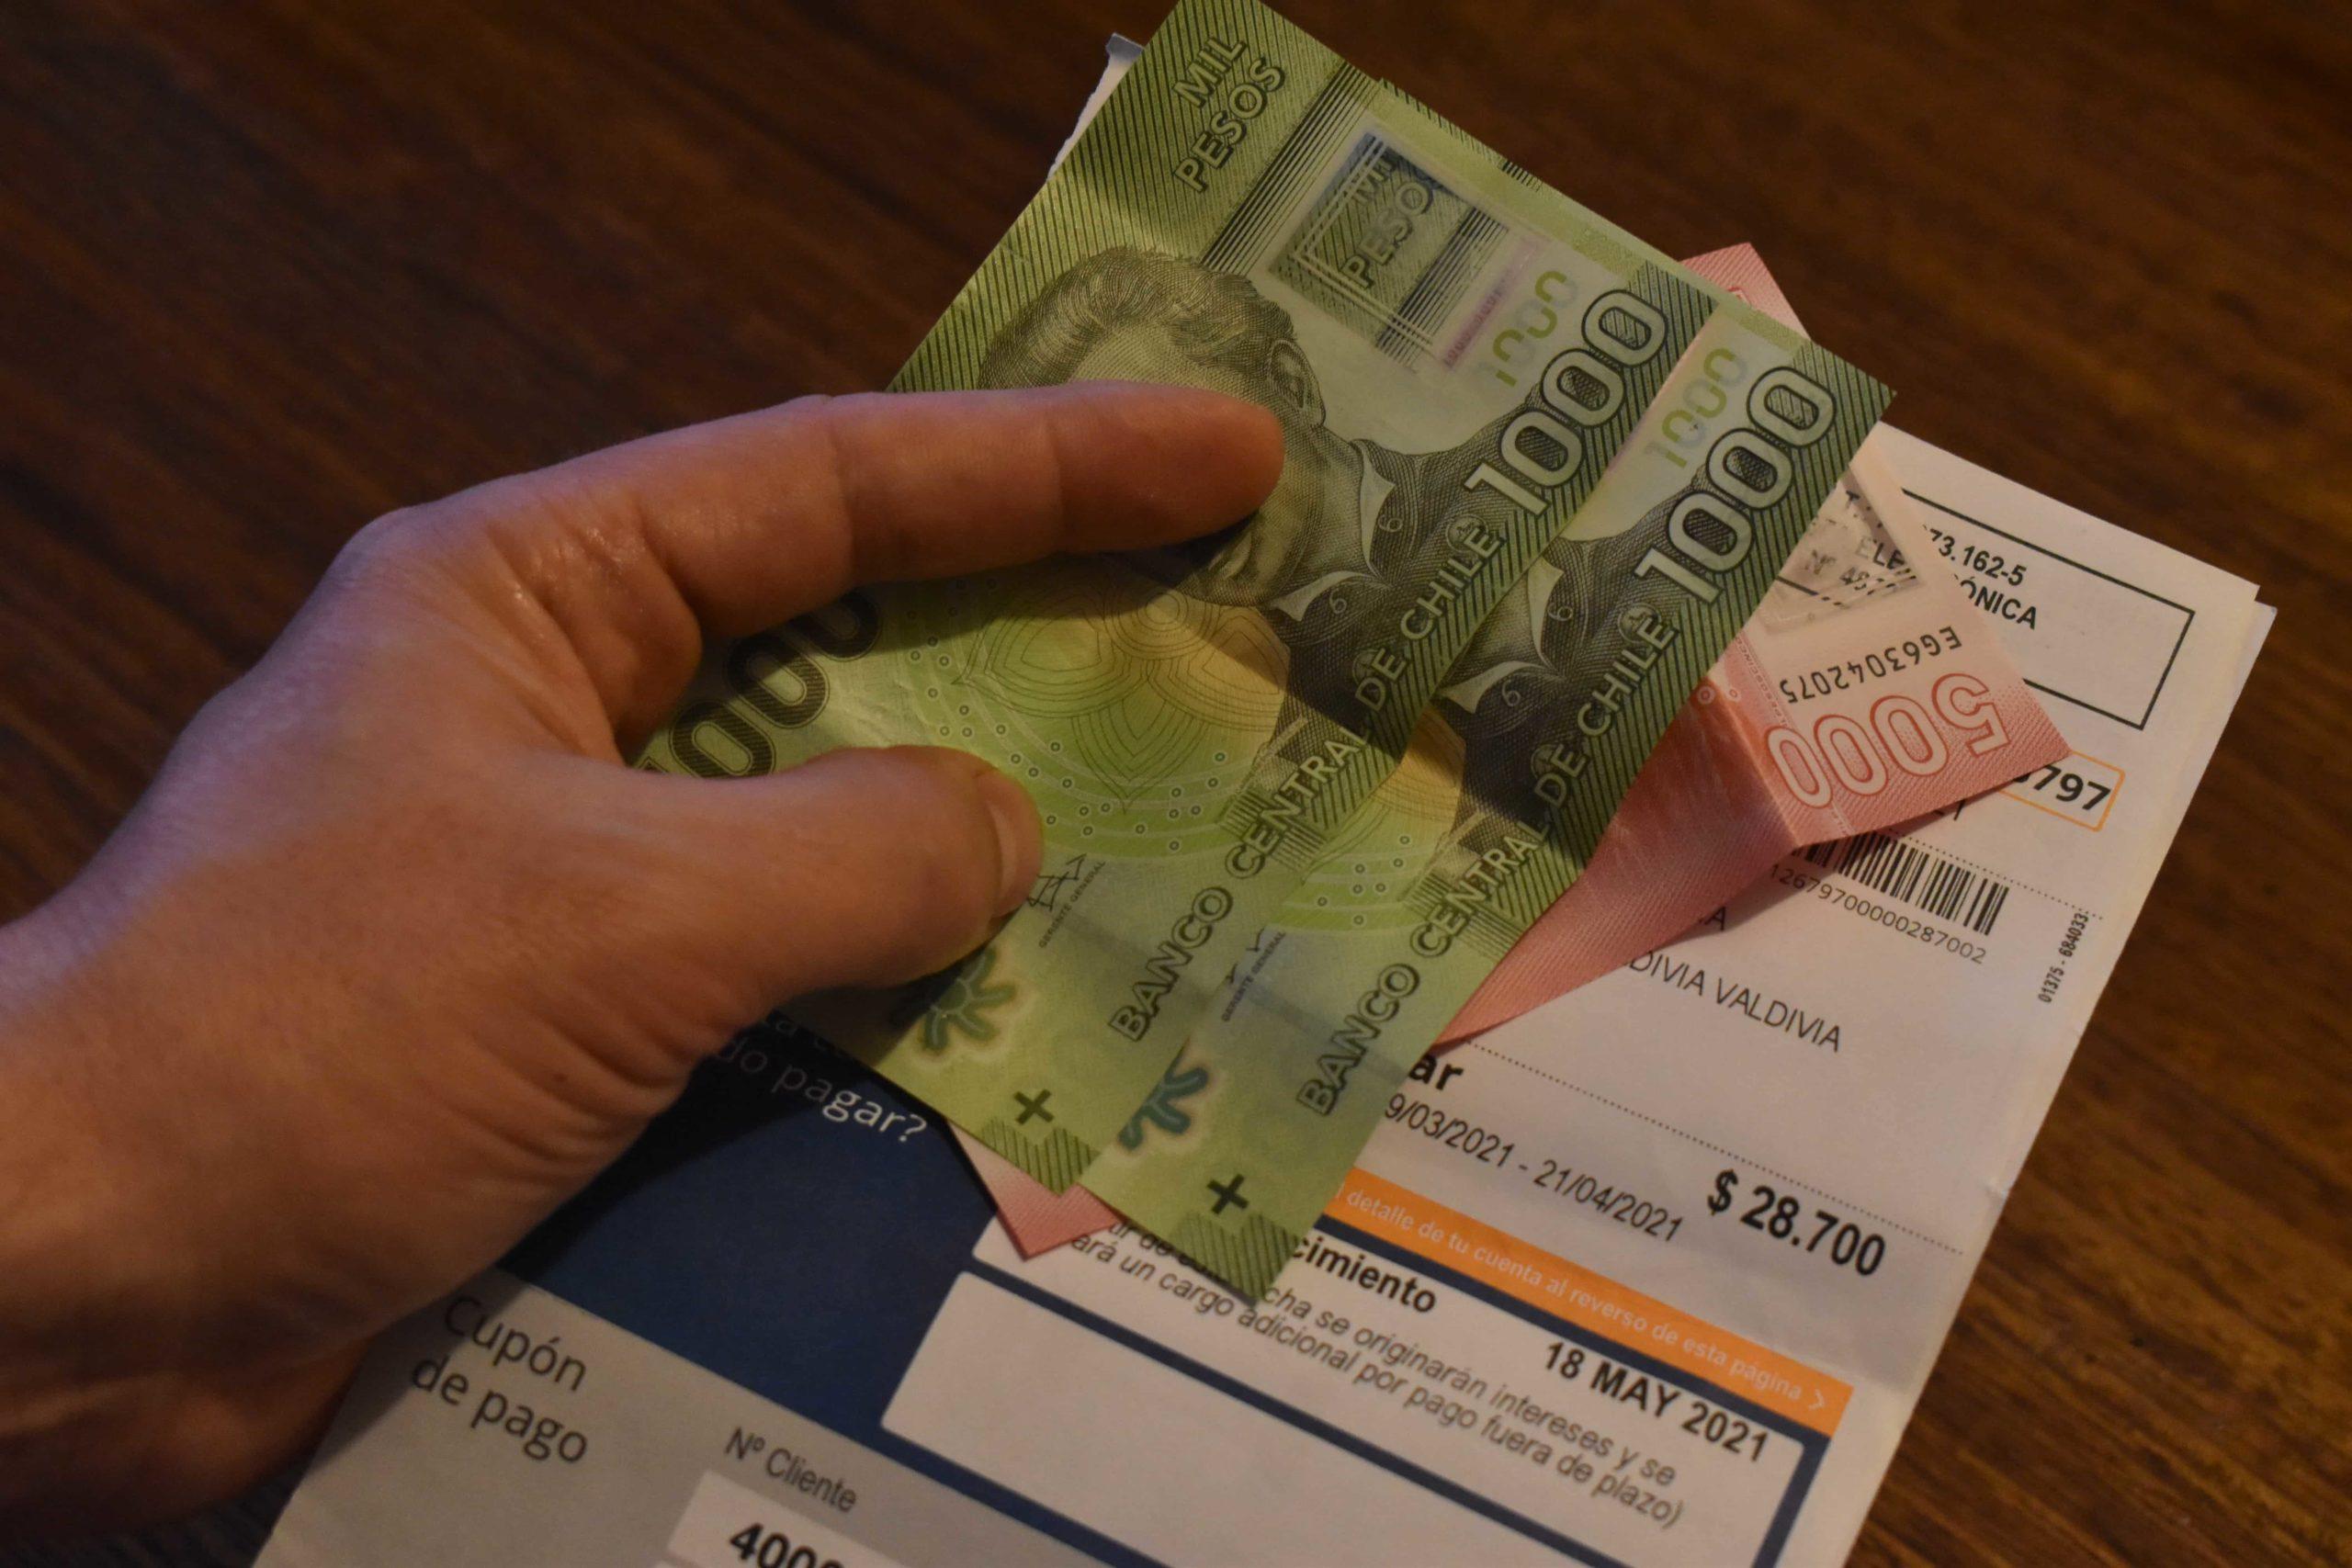 La mano de una persona sosteniendo boletas de servicios básicos y dinero en efectivo